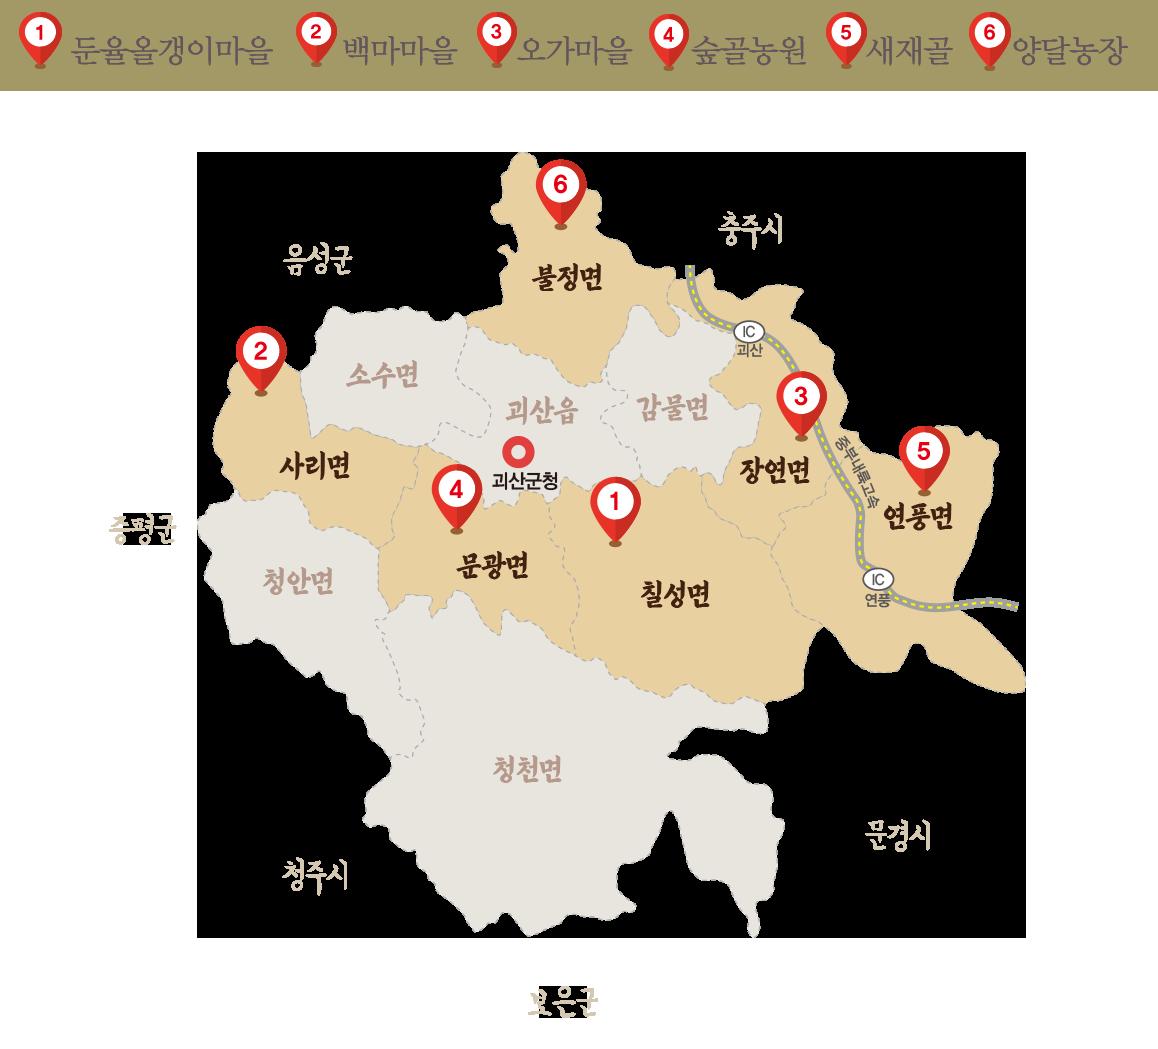 마을·농가 지도